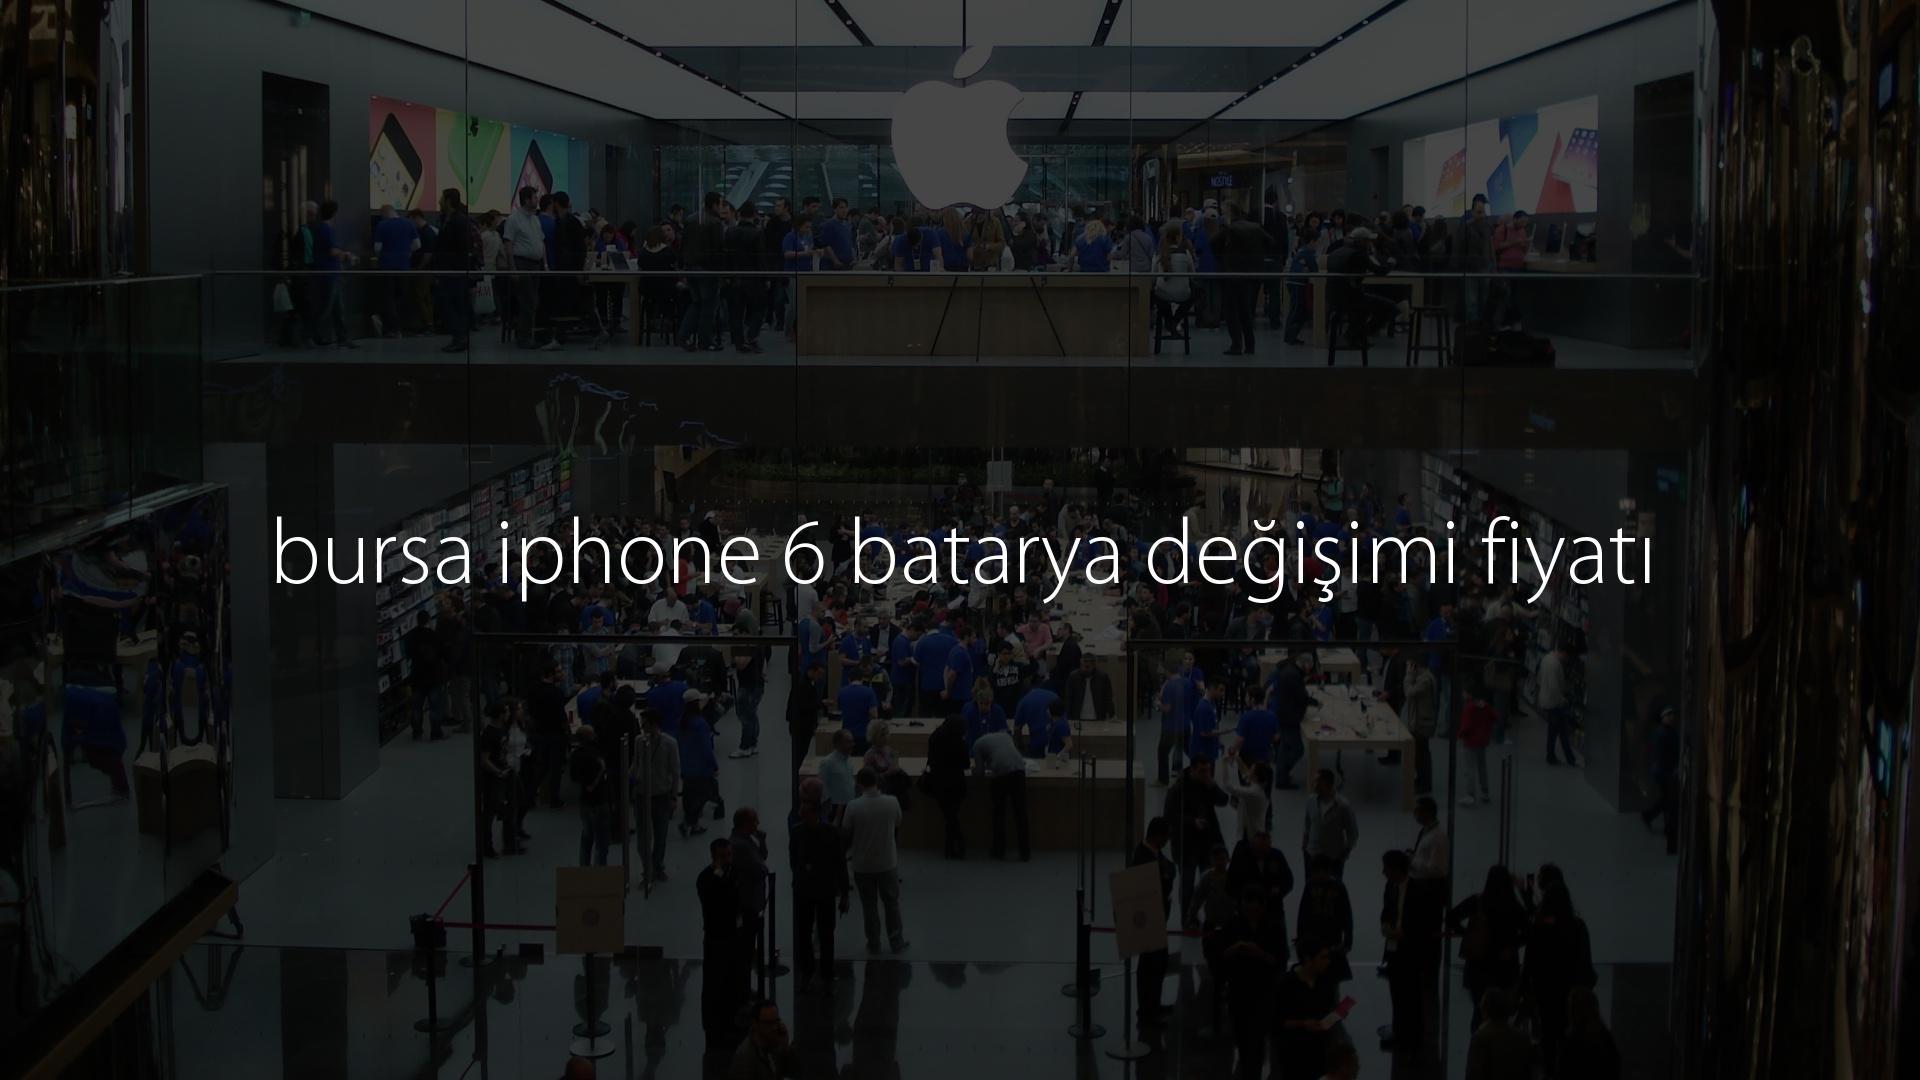 bursa iphone 6 batarya değişimi fiyatı